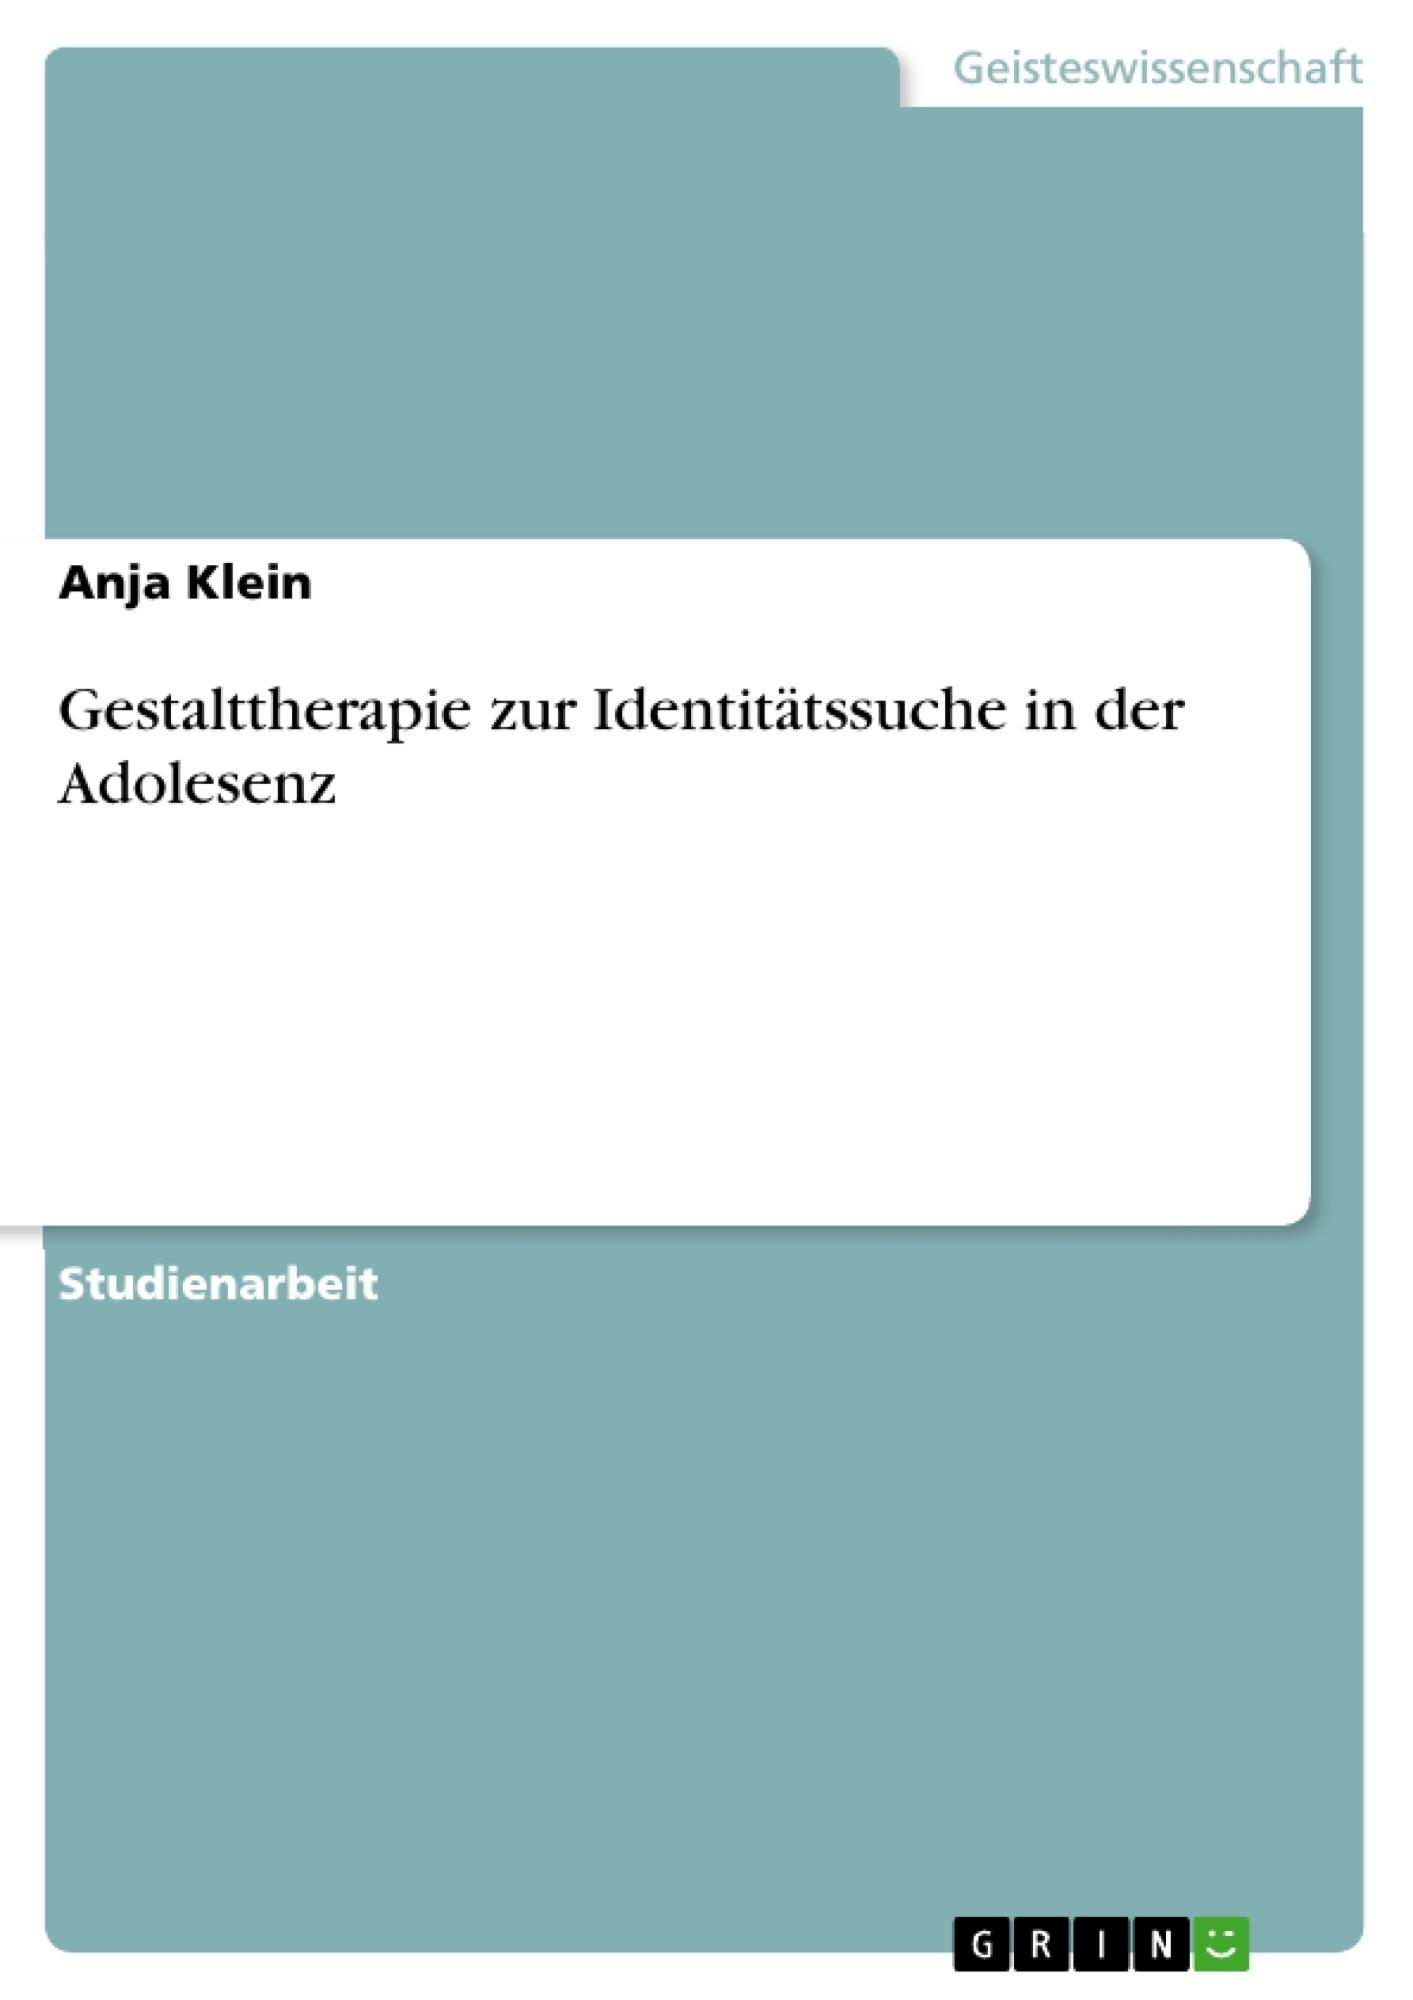 Titel: Gestalttherapie zur Identitätssuche in der Adolesenz